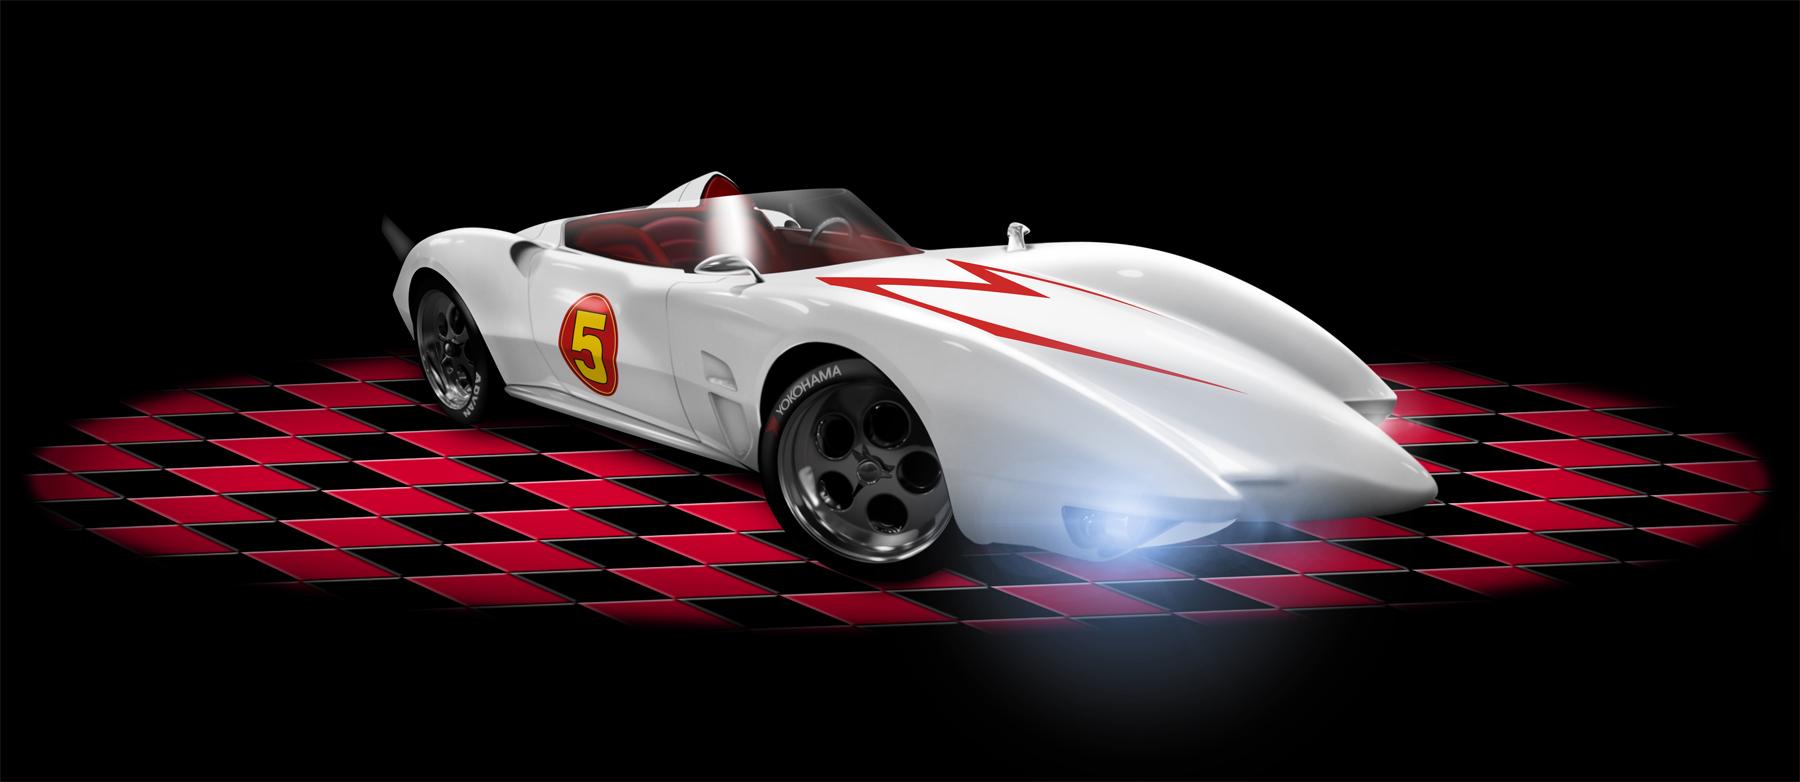 Race Car Movies Full Length